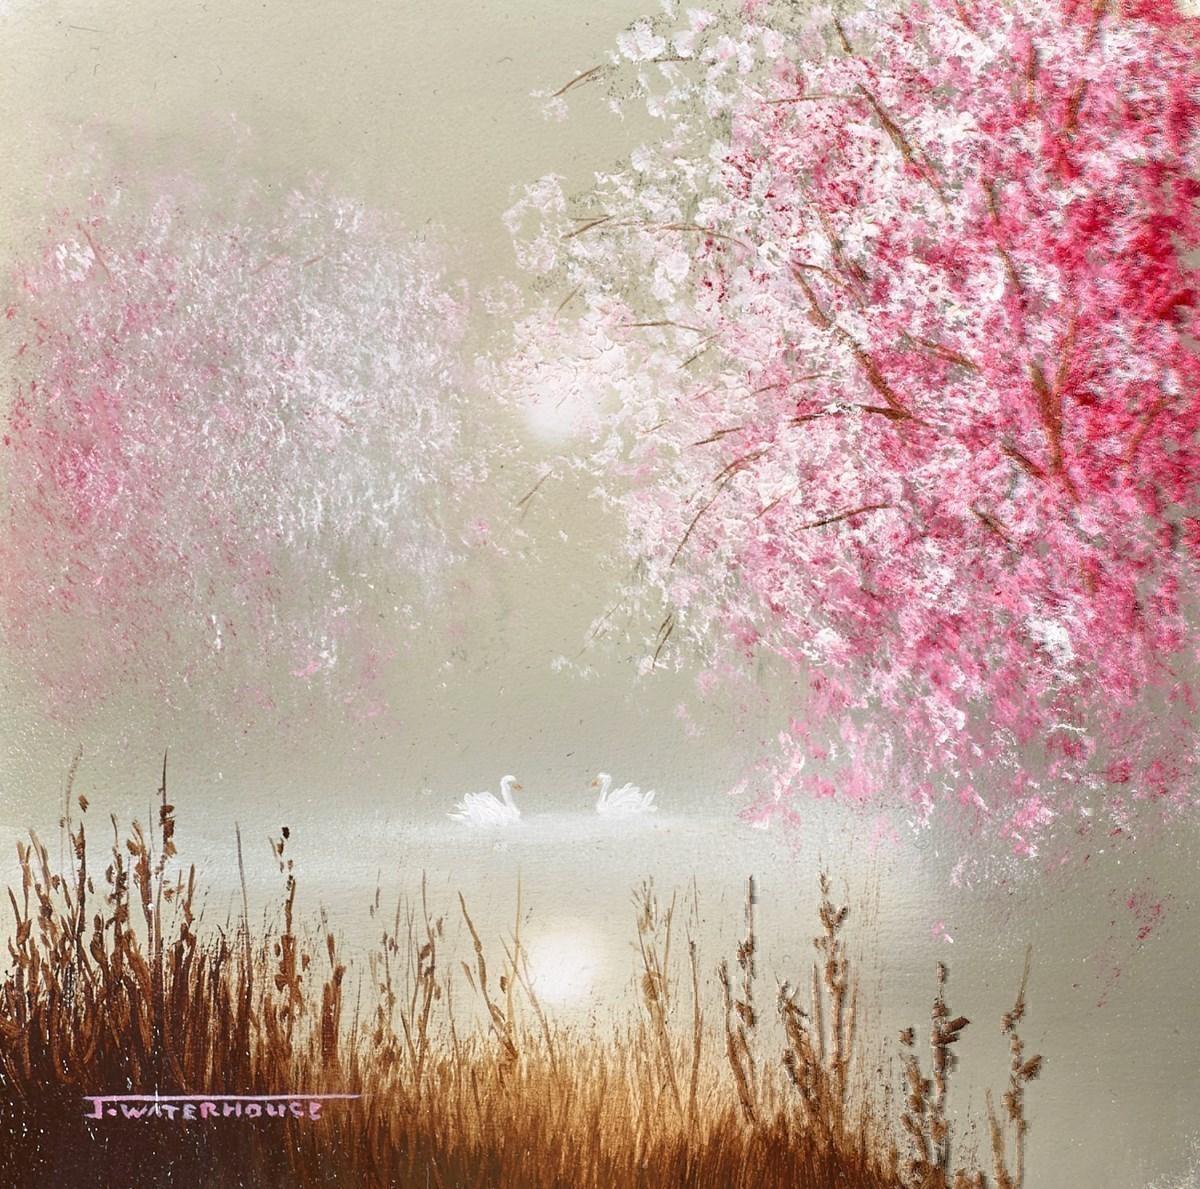 For Eternity by John Waterhouse -